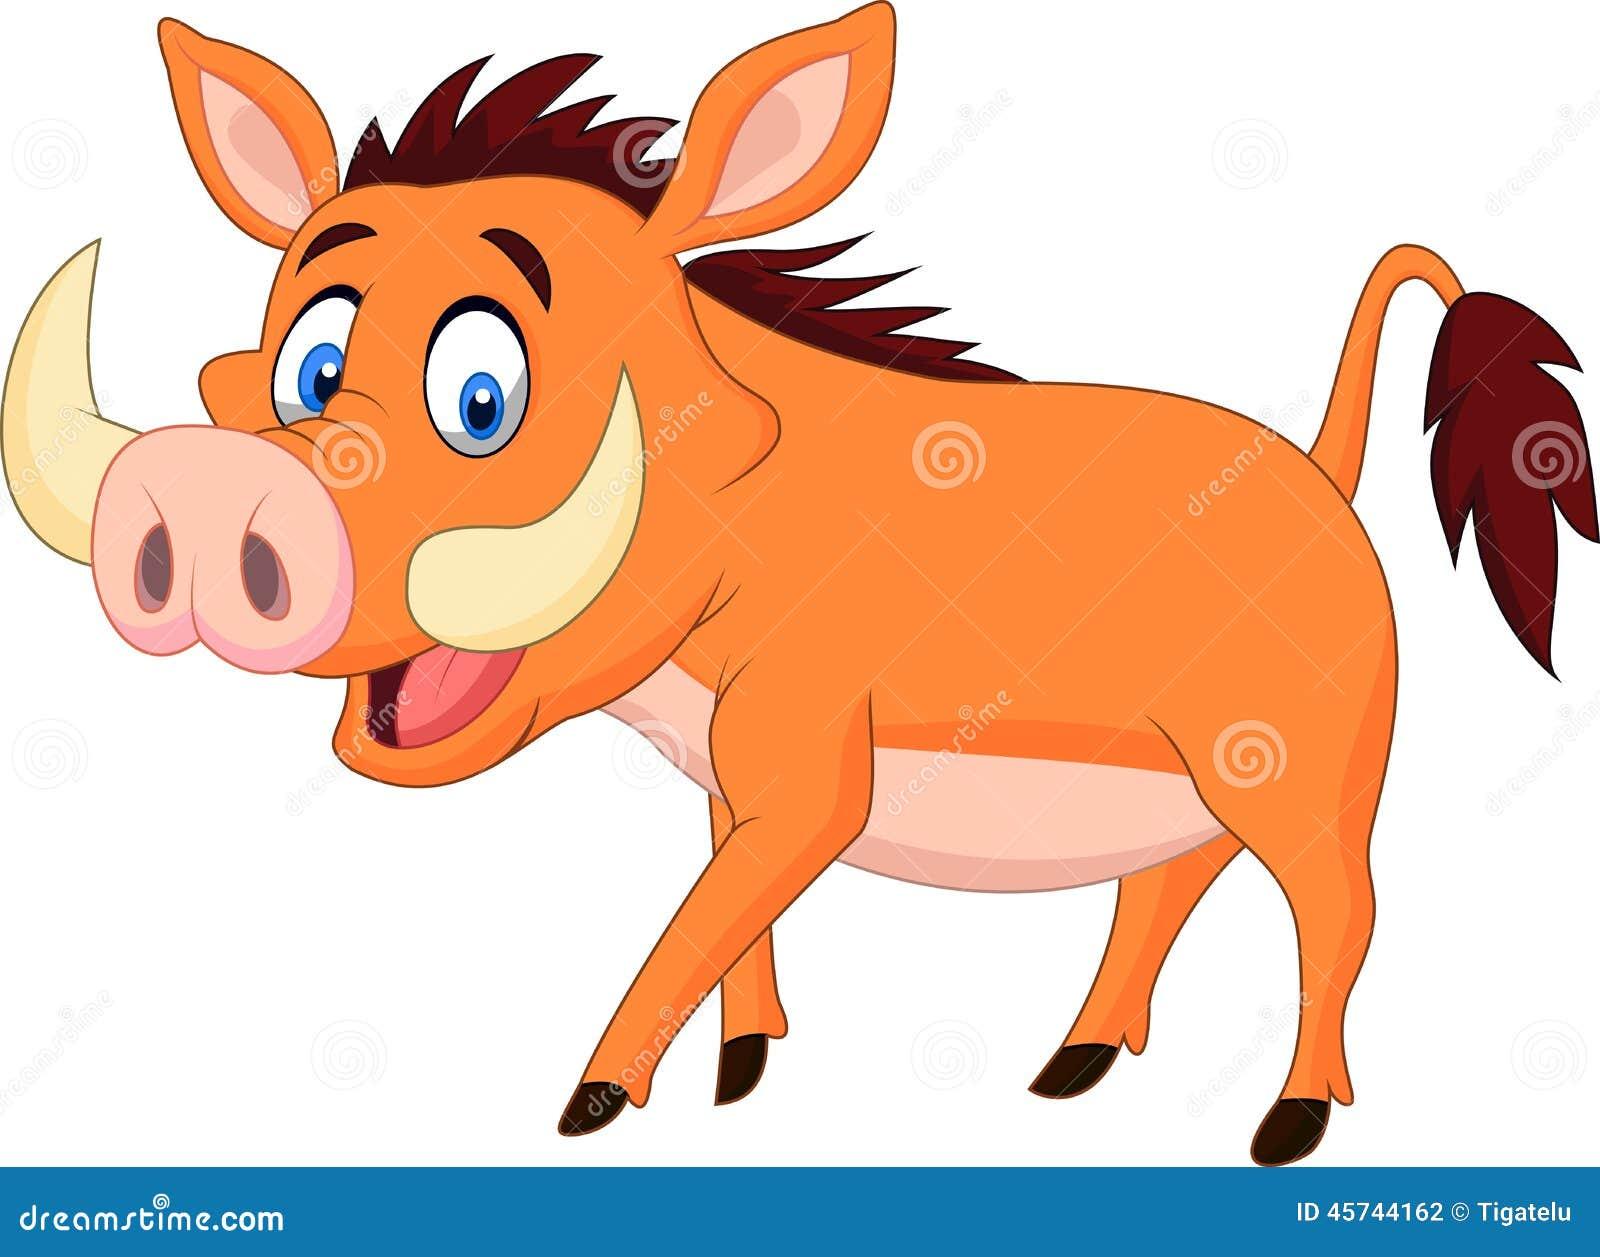 Cartoon Warthog Walking Stock Vector Image 45744162